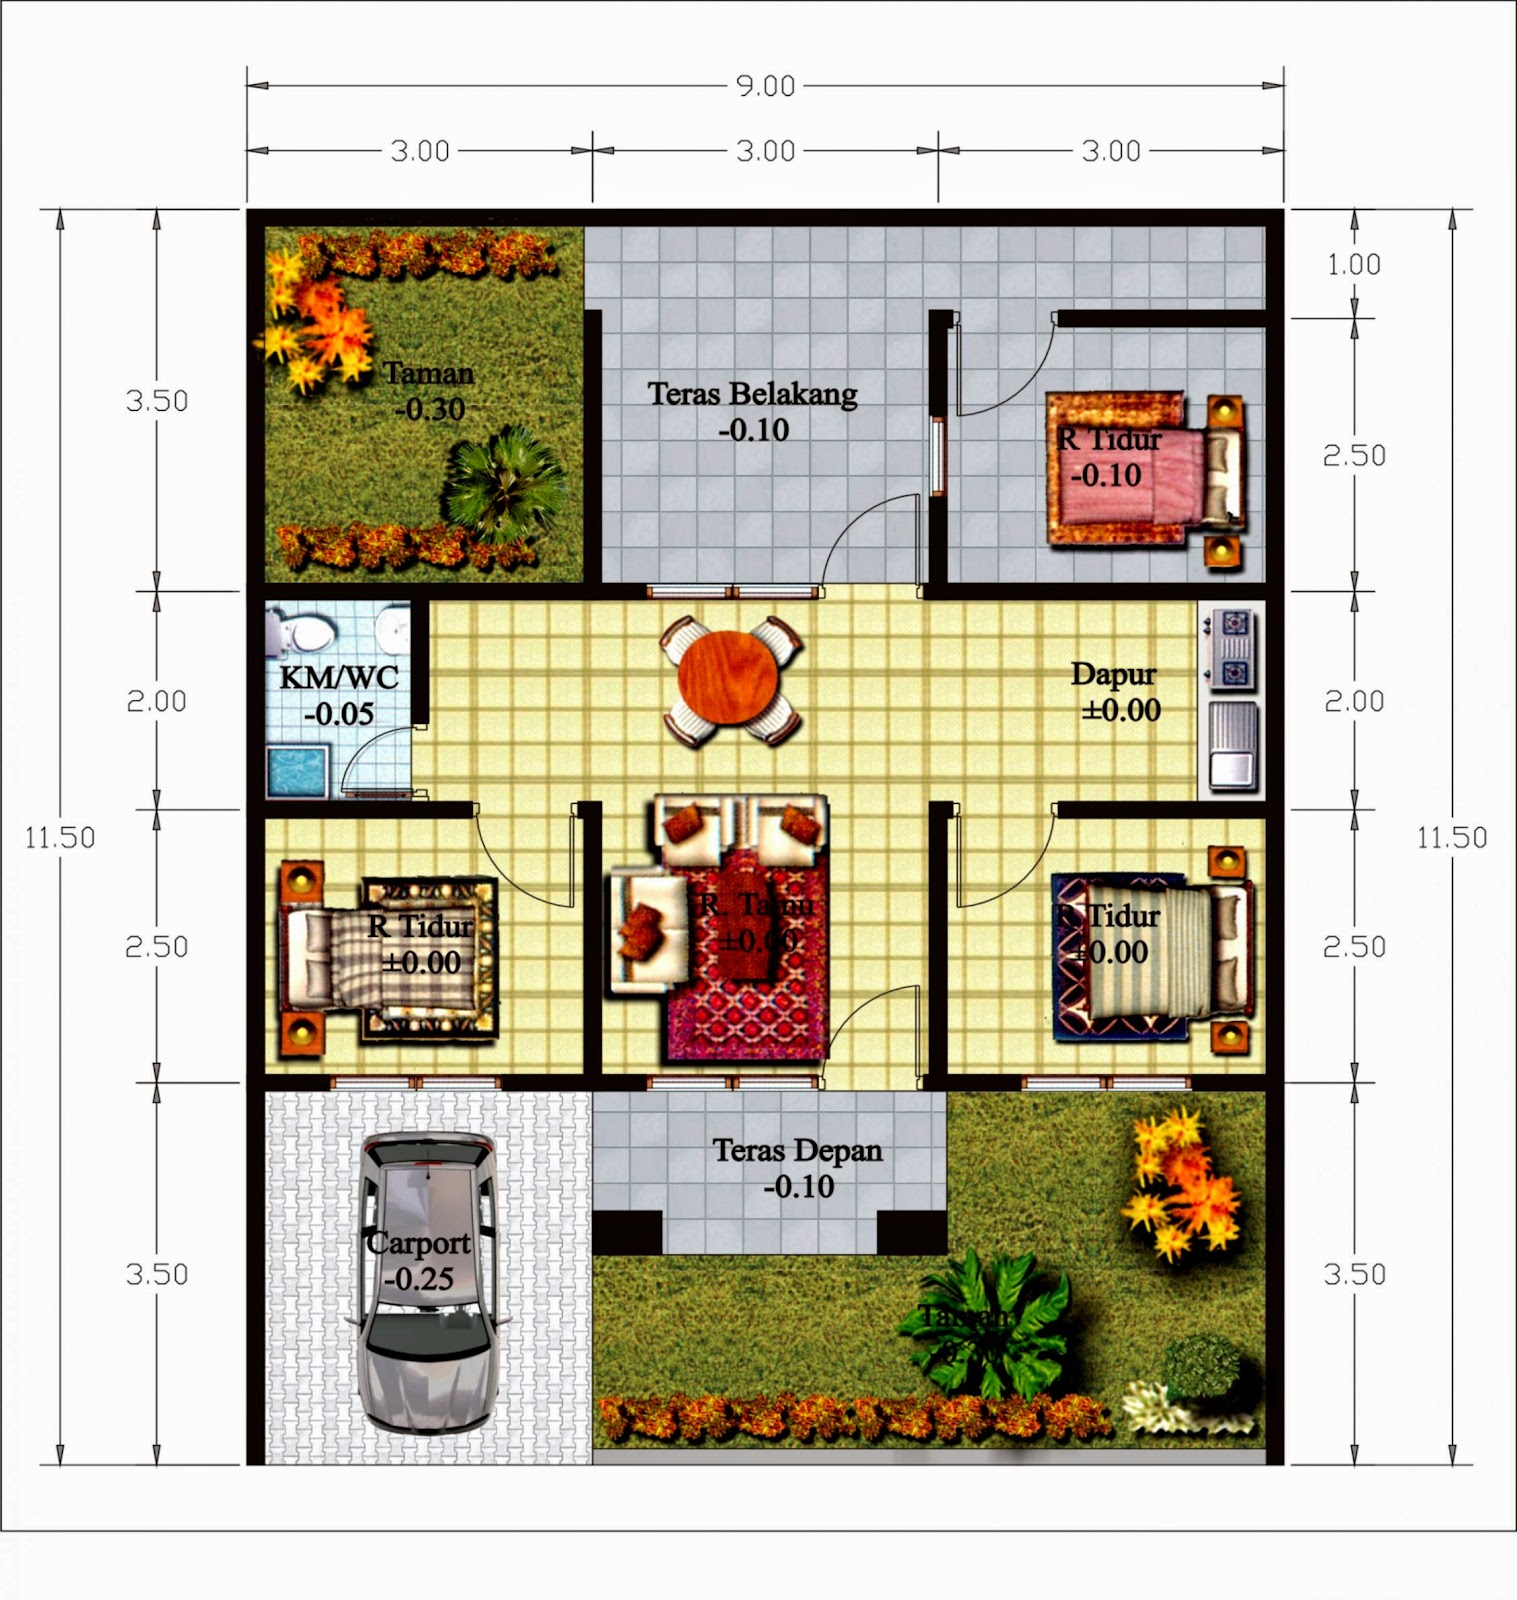 Denah Rumah Minimalis 1 Lantai Terbaru 2014 2015 Denah Rumah